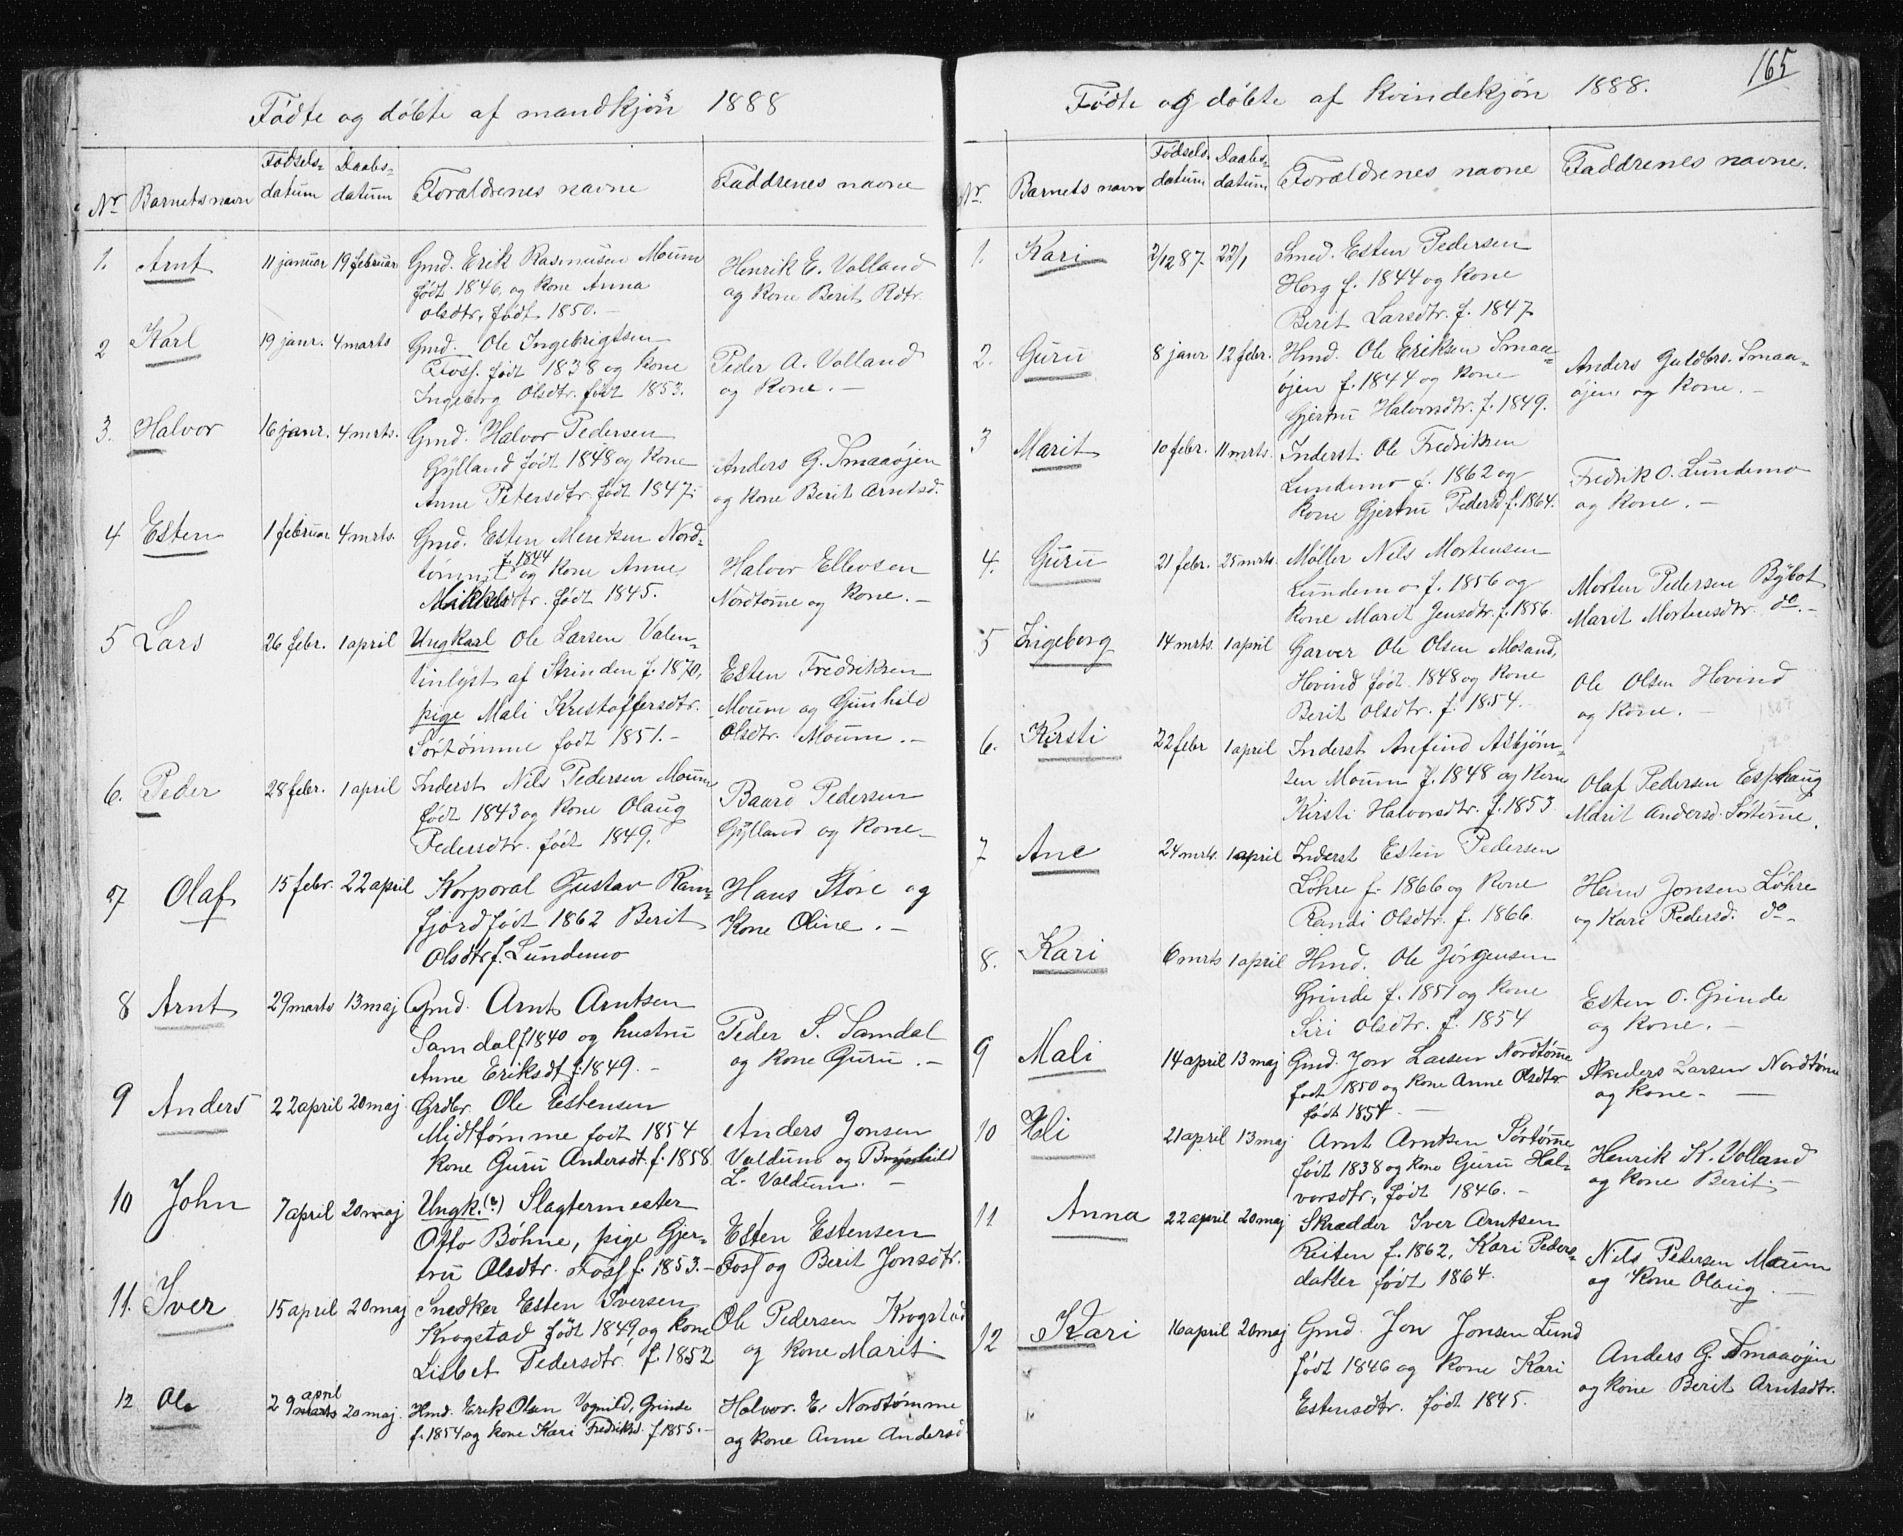 SAT, Ministerialprotokoller, klokkerbøker og fødselsregistre - Sør-Trøndelag, 692/L1110: Klokkerbok nr. 692C05, 1849-1889, s. 165